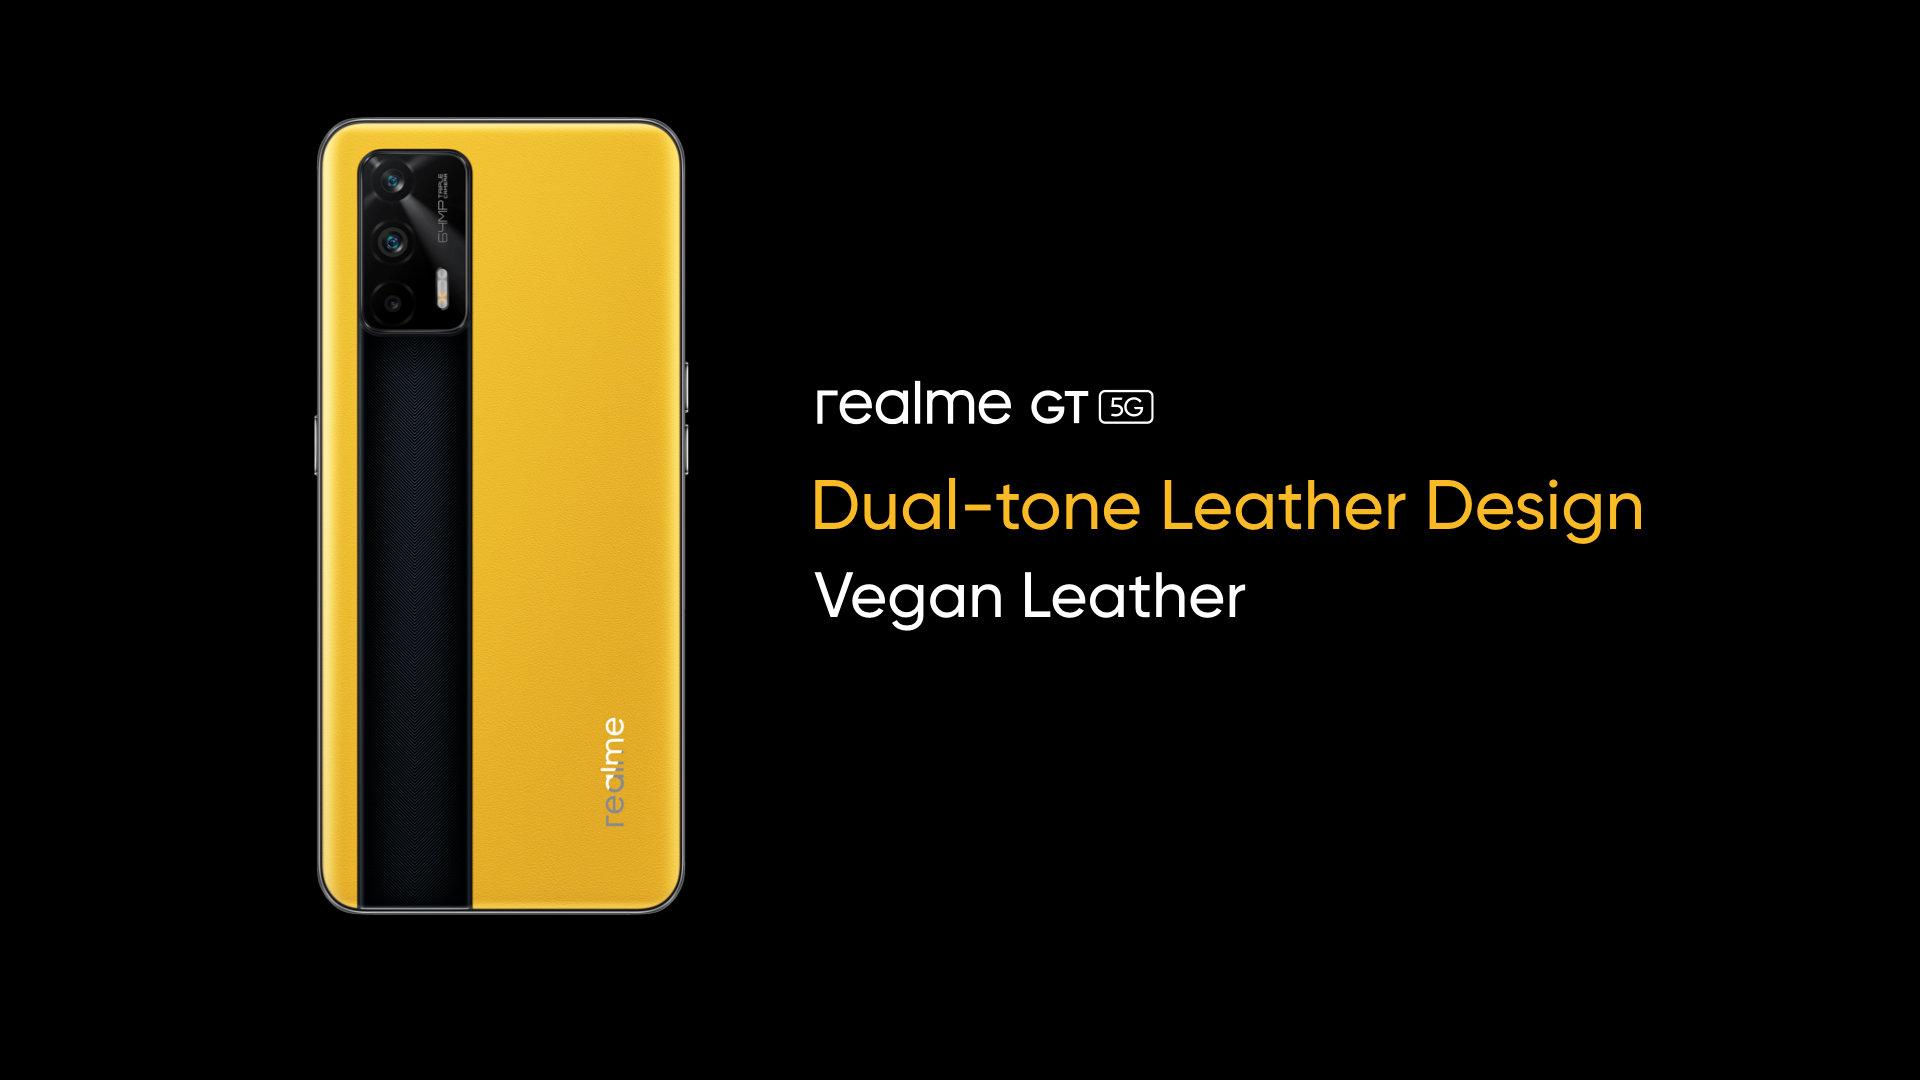 Realme GT officialisé : un Snapdragon 888 sous le capot et du cuir végan sur le dos - Frandroid